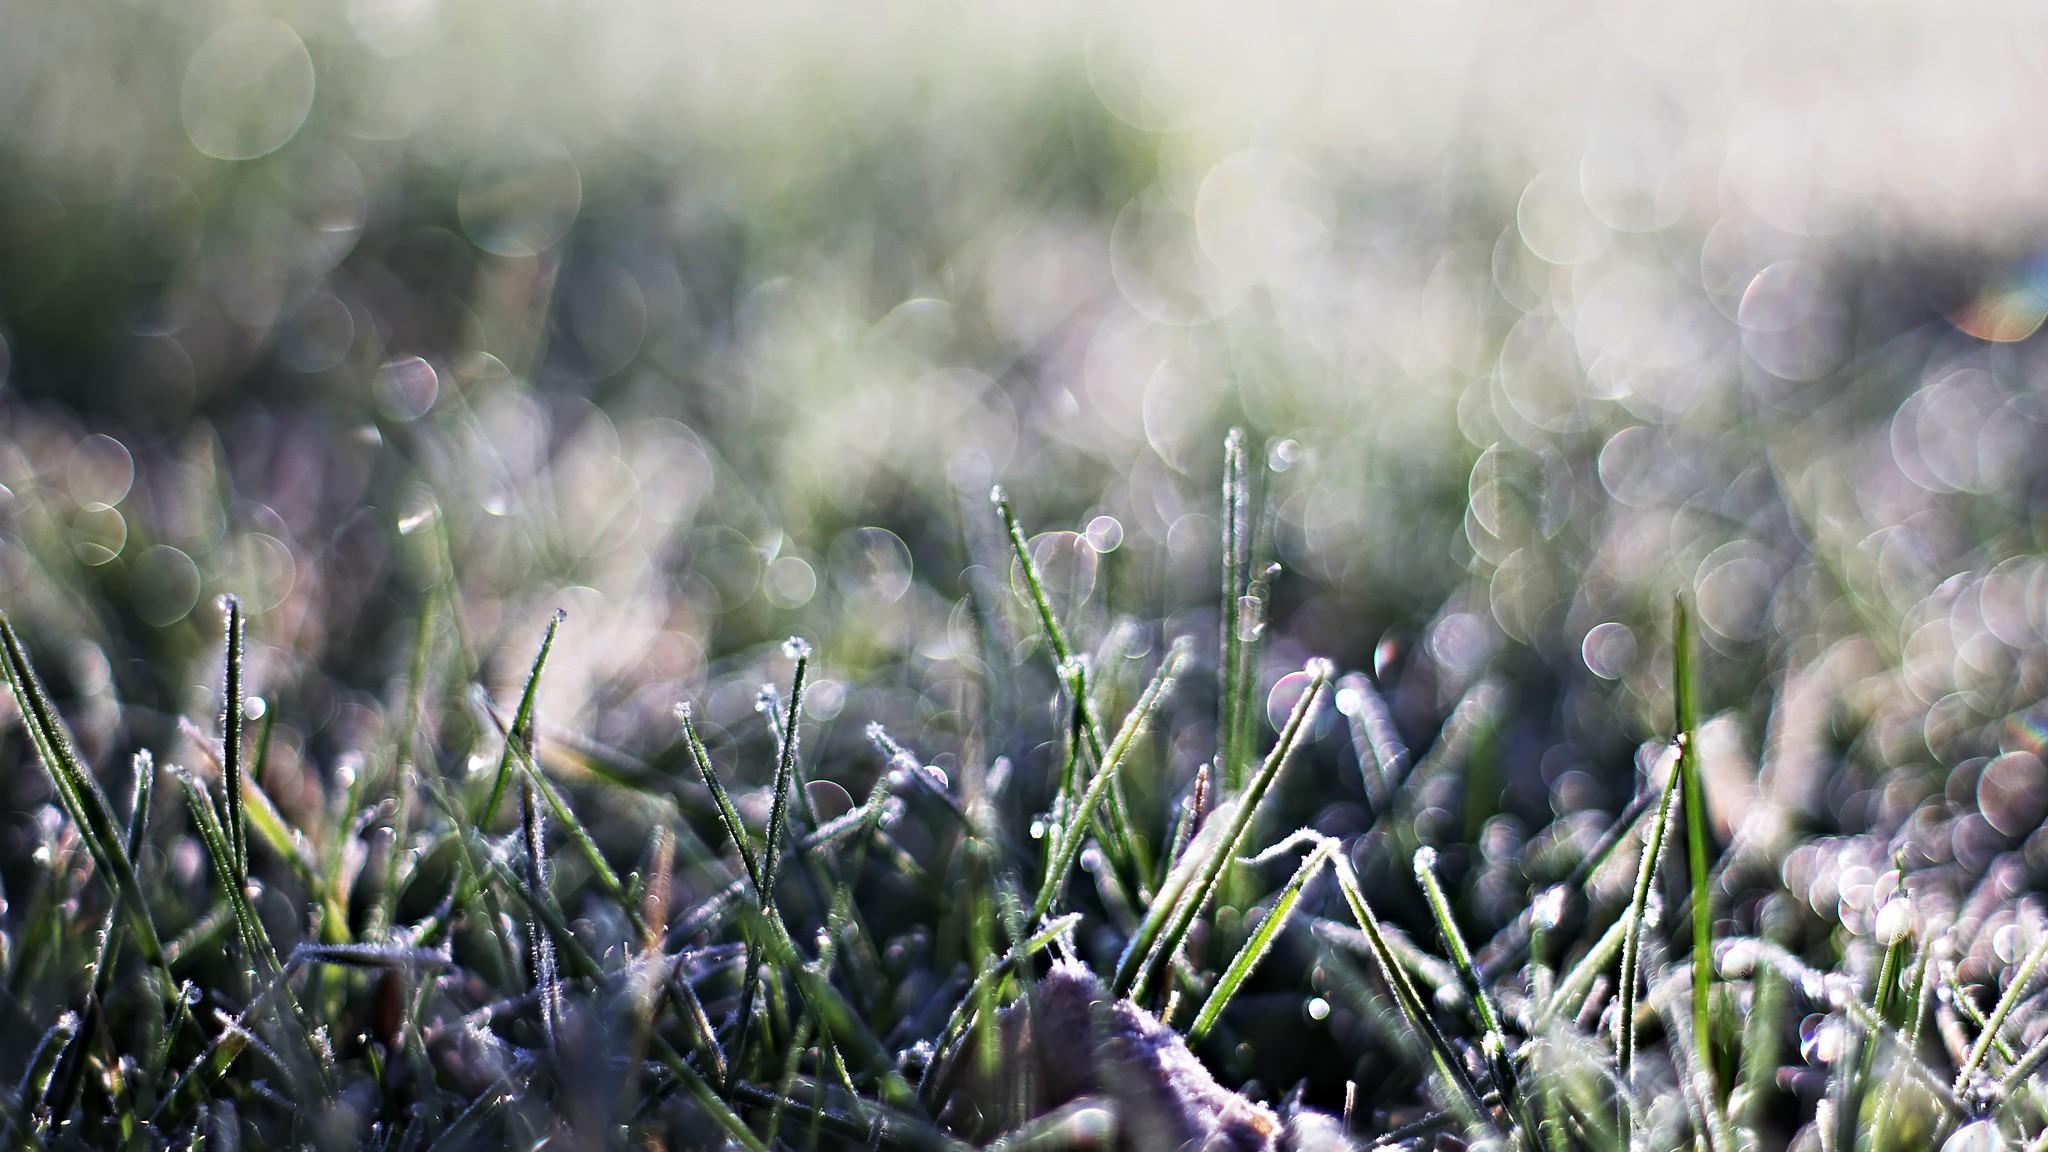 frozen garden grass